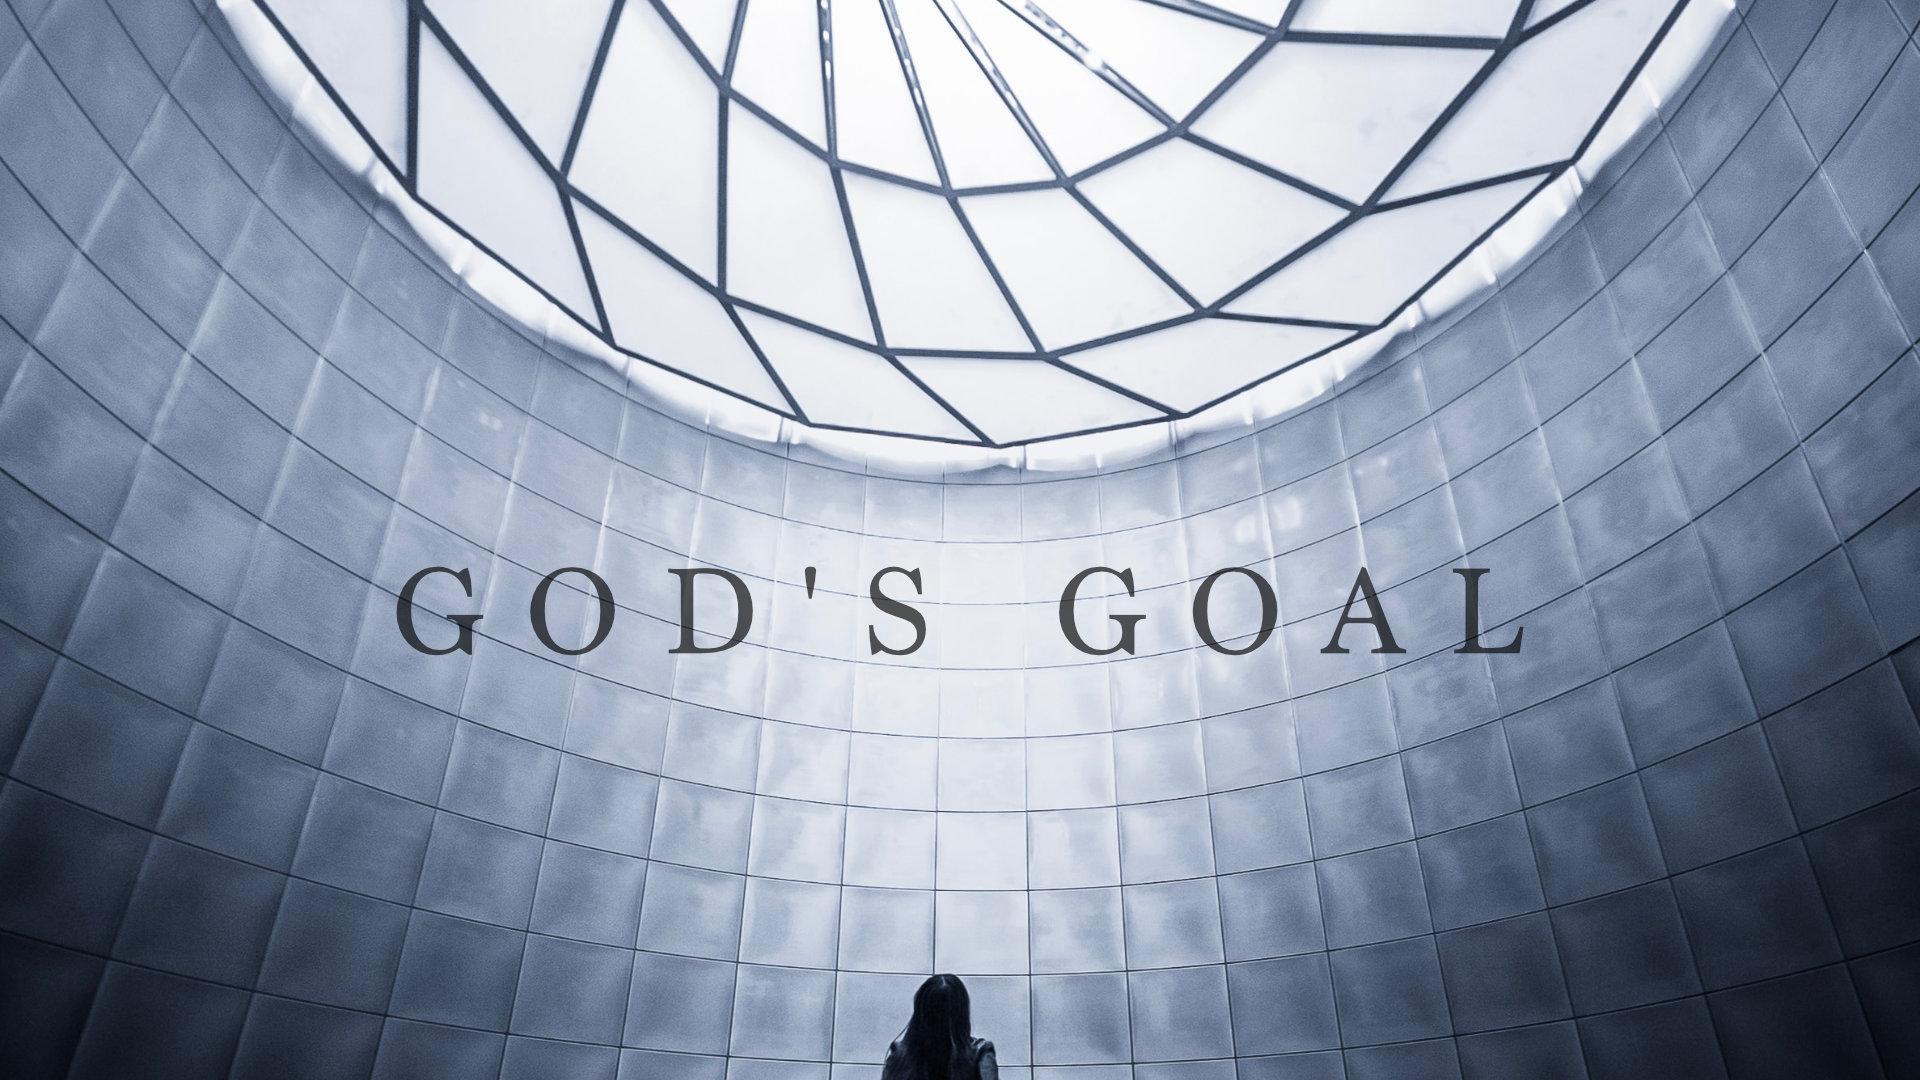 2019-09-01 God's Goal.jpg